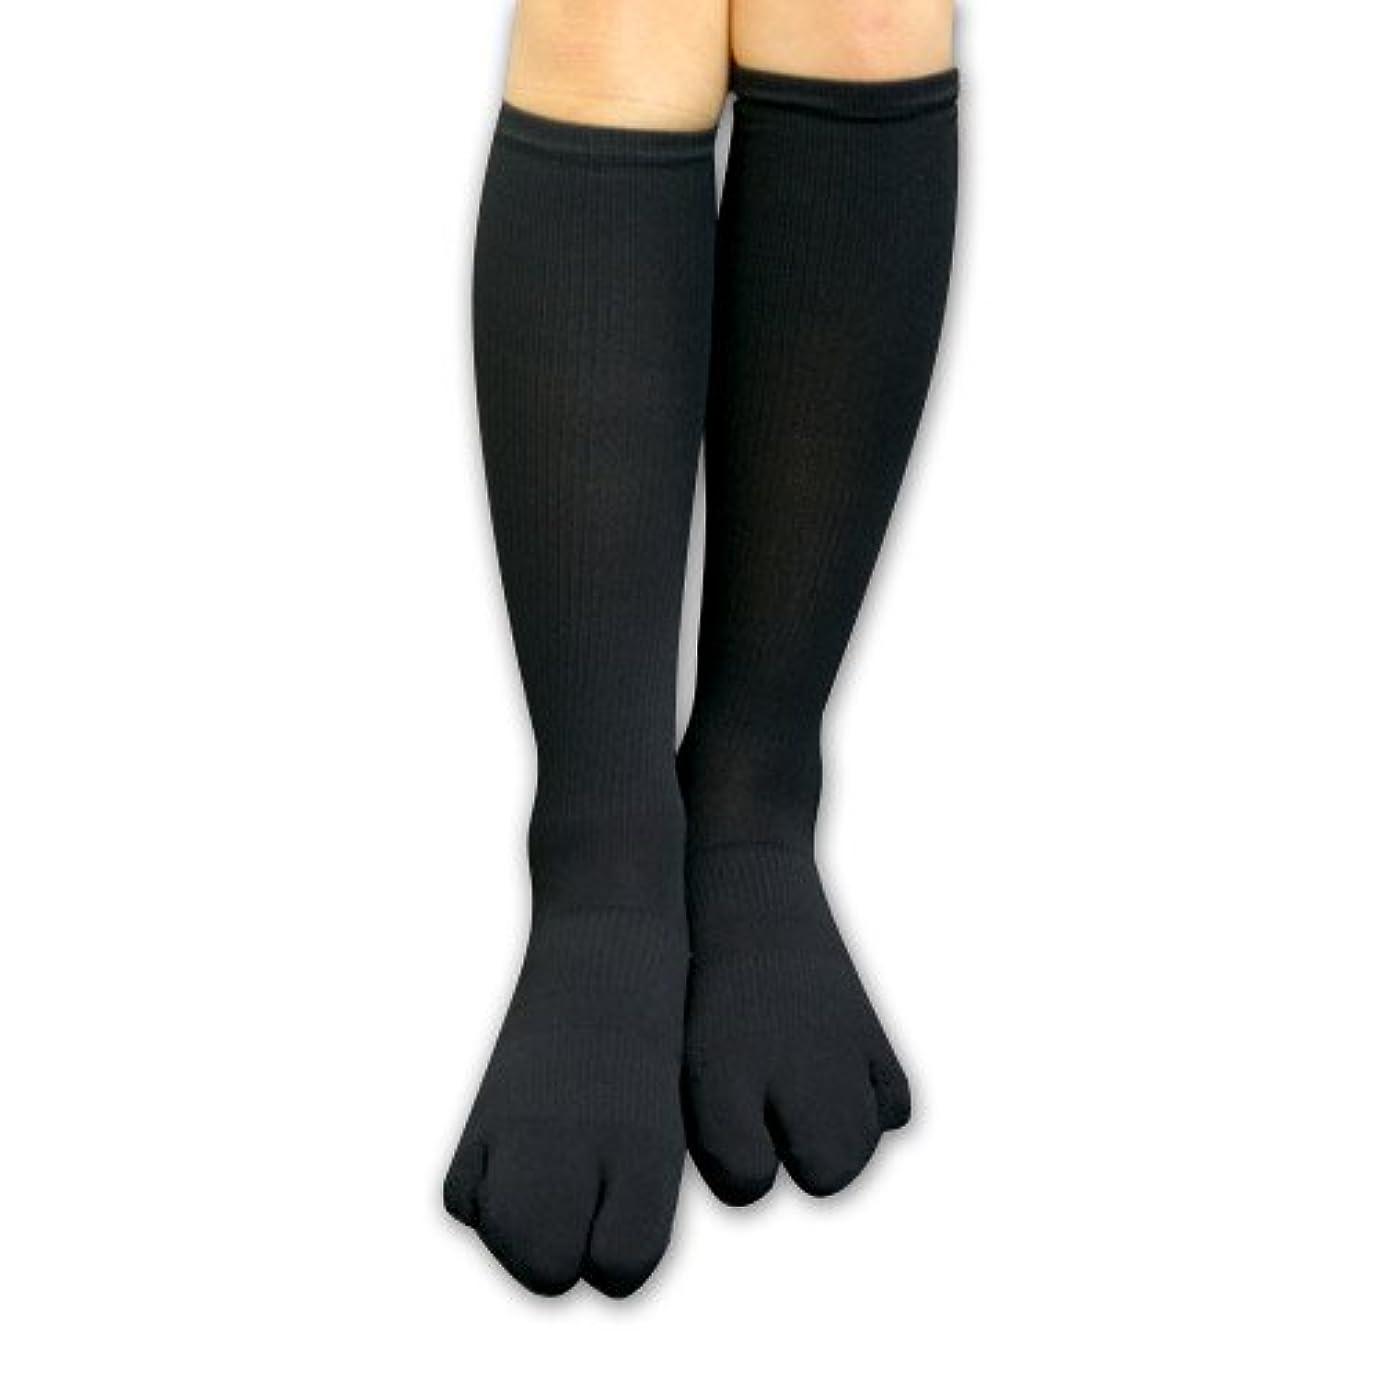 適度に真向こう最小化するカサハラ外反母趾?浮き指対策あしやせ天国3本指テーピング靴下 ((L24-26cm))